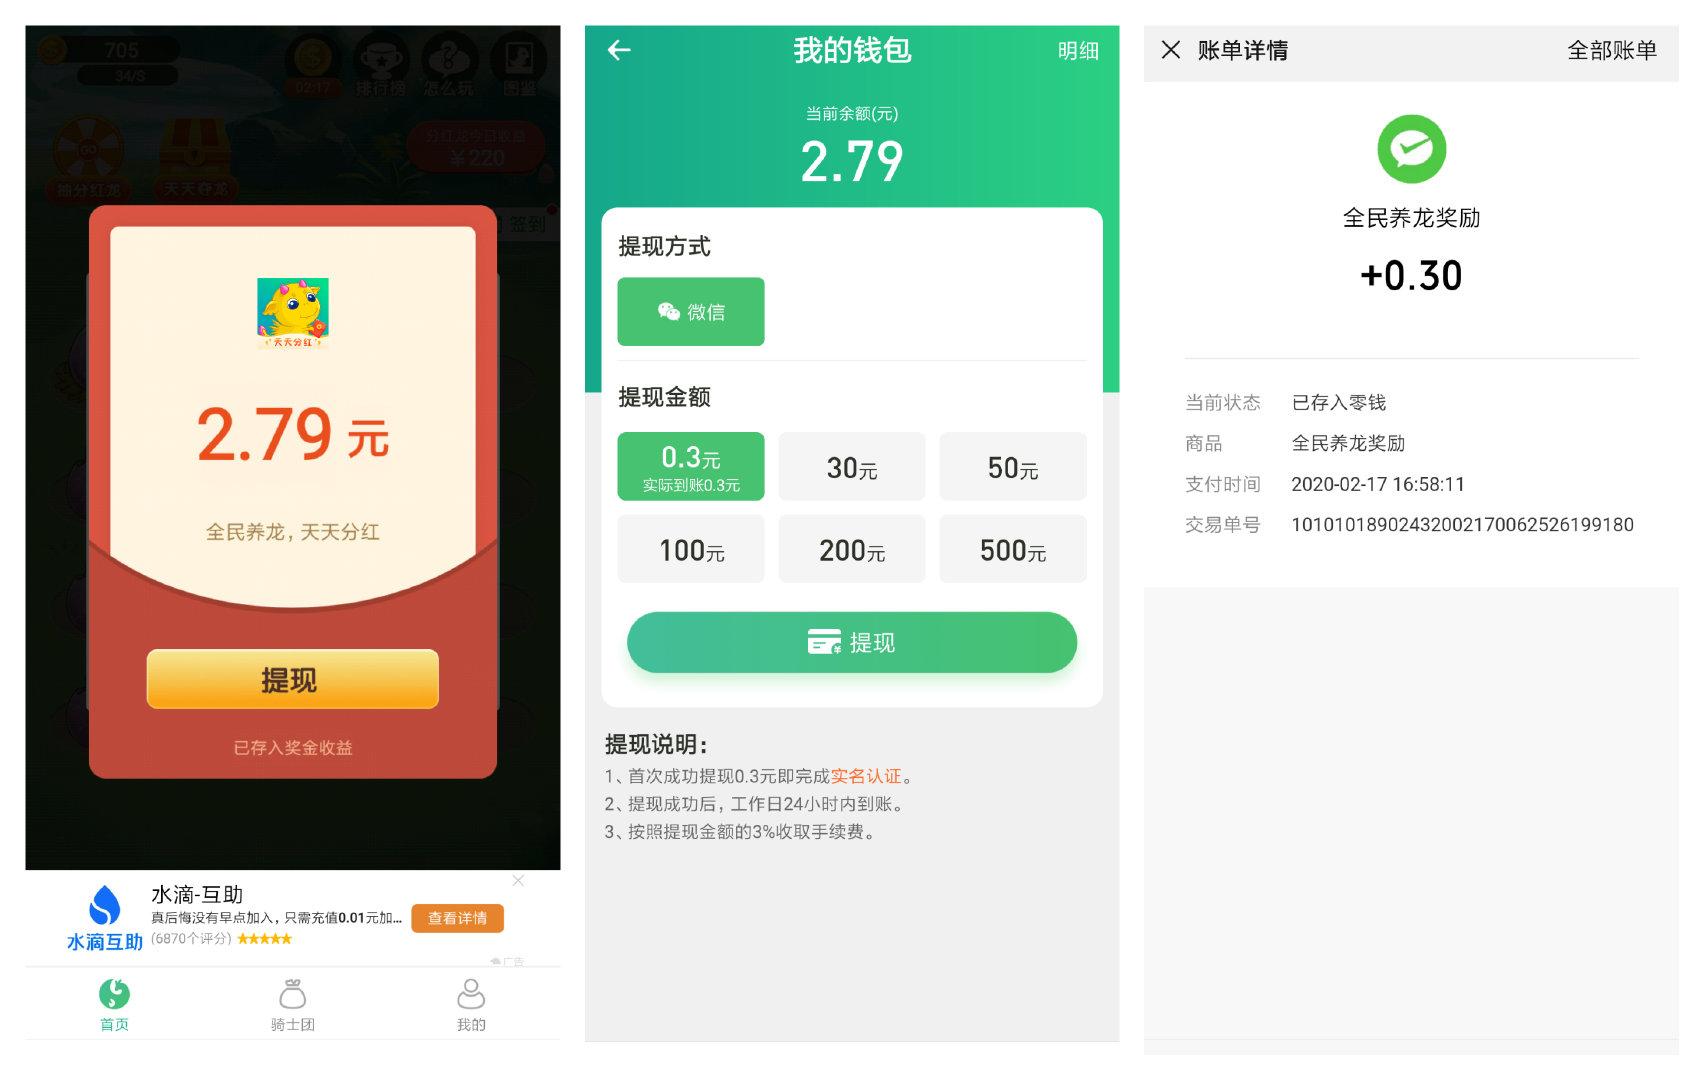 薅羊毛活动线报_全民养龙APP新人下载登录提现0.3元 薅羊毛 第2张